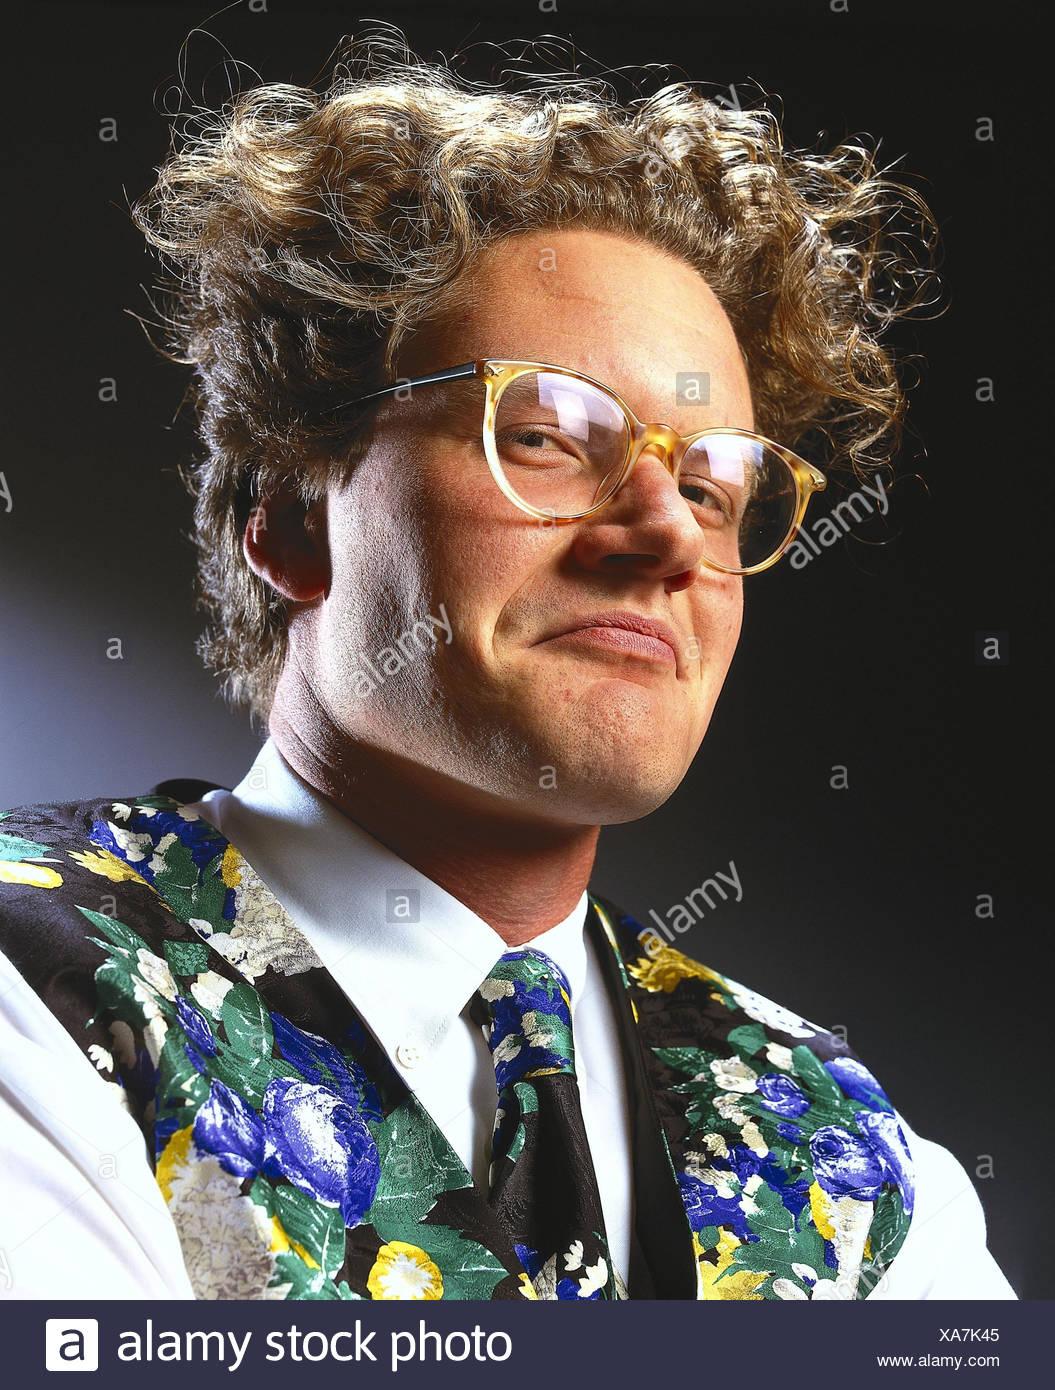 Mann Brille Haare Locken Mimik Untersuchen Porträt